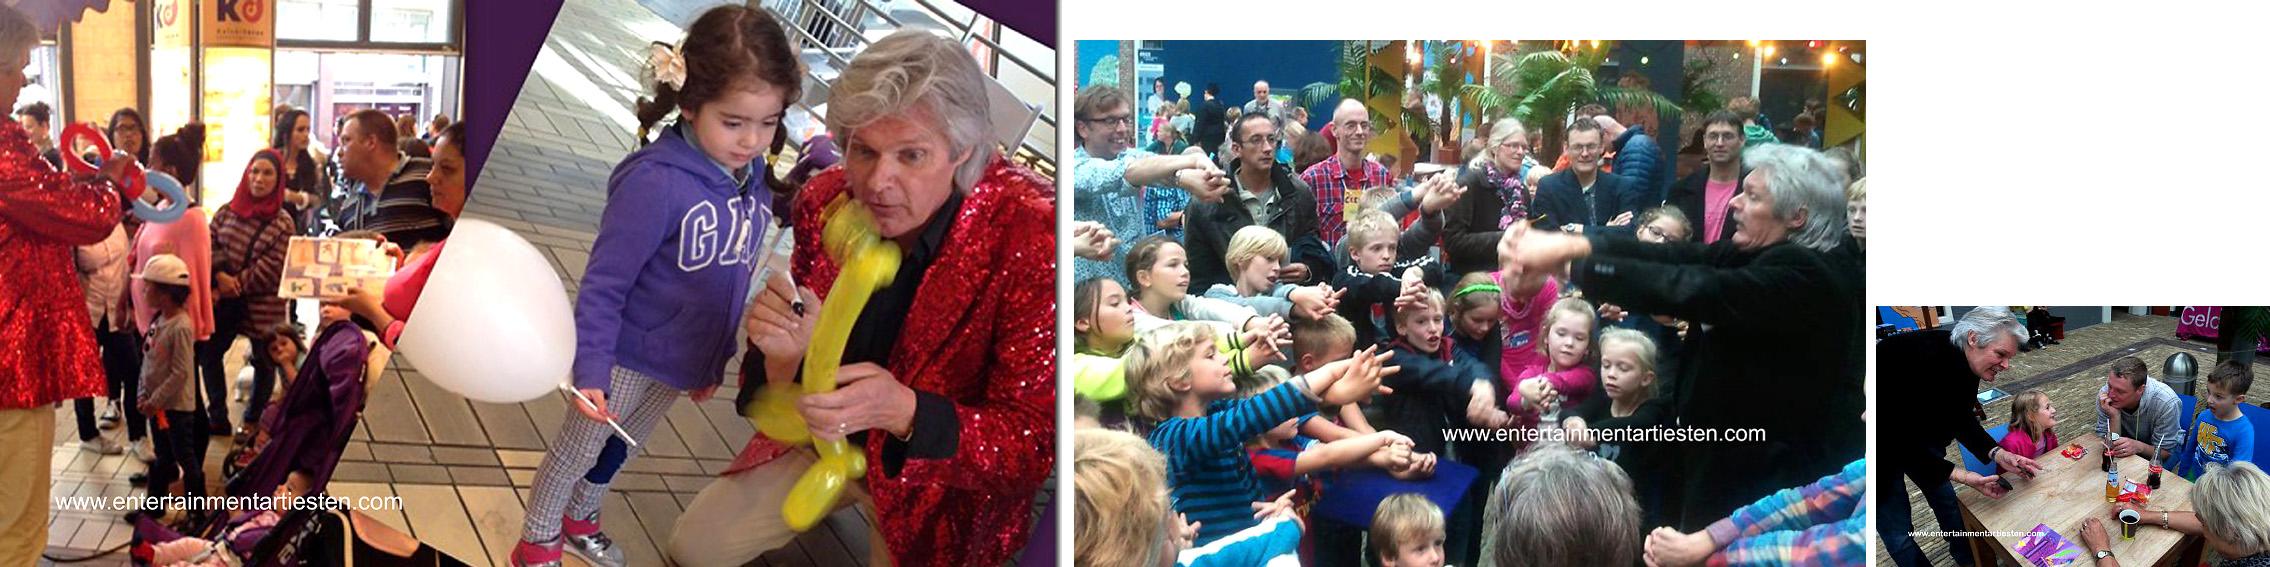 Kinderprogramma, Magisch goochelen – goochelaar voor klein en groot. Met zijn mobiele gegoochel- en ballonnen aanmaak is deze acteur in staat om tijdens uw evenement alles en iedereen te vermaken met zijn goochelkunsten, Govers Evenementen, www.goversartiesten.nl